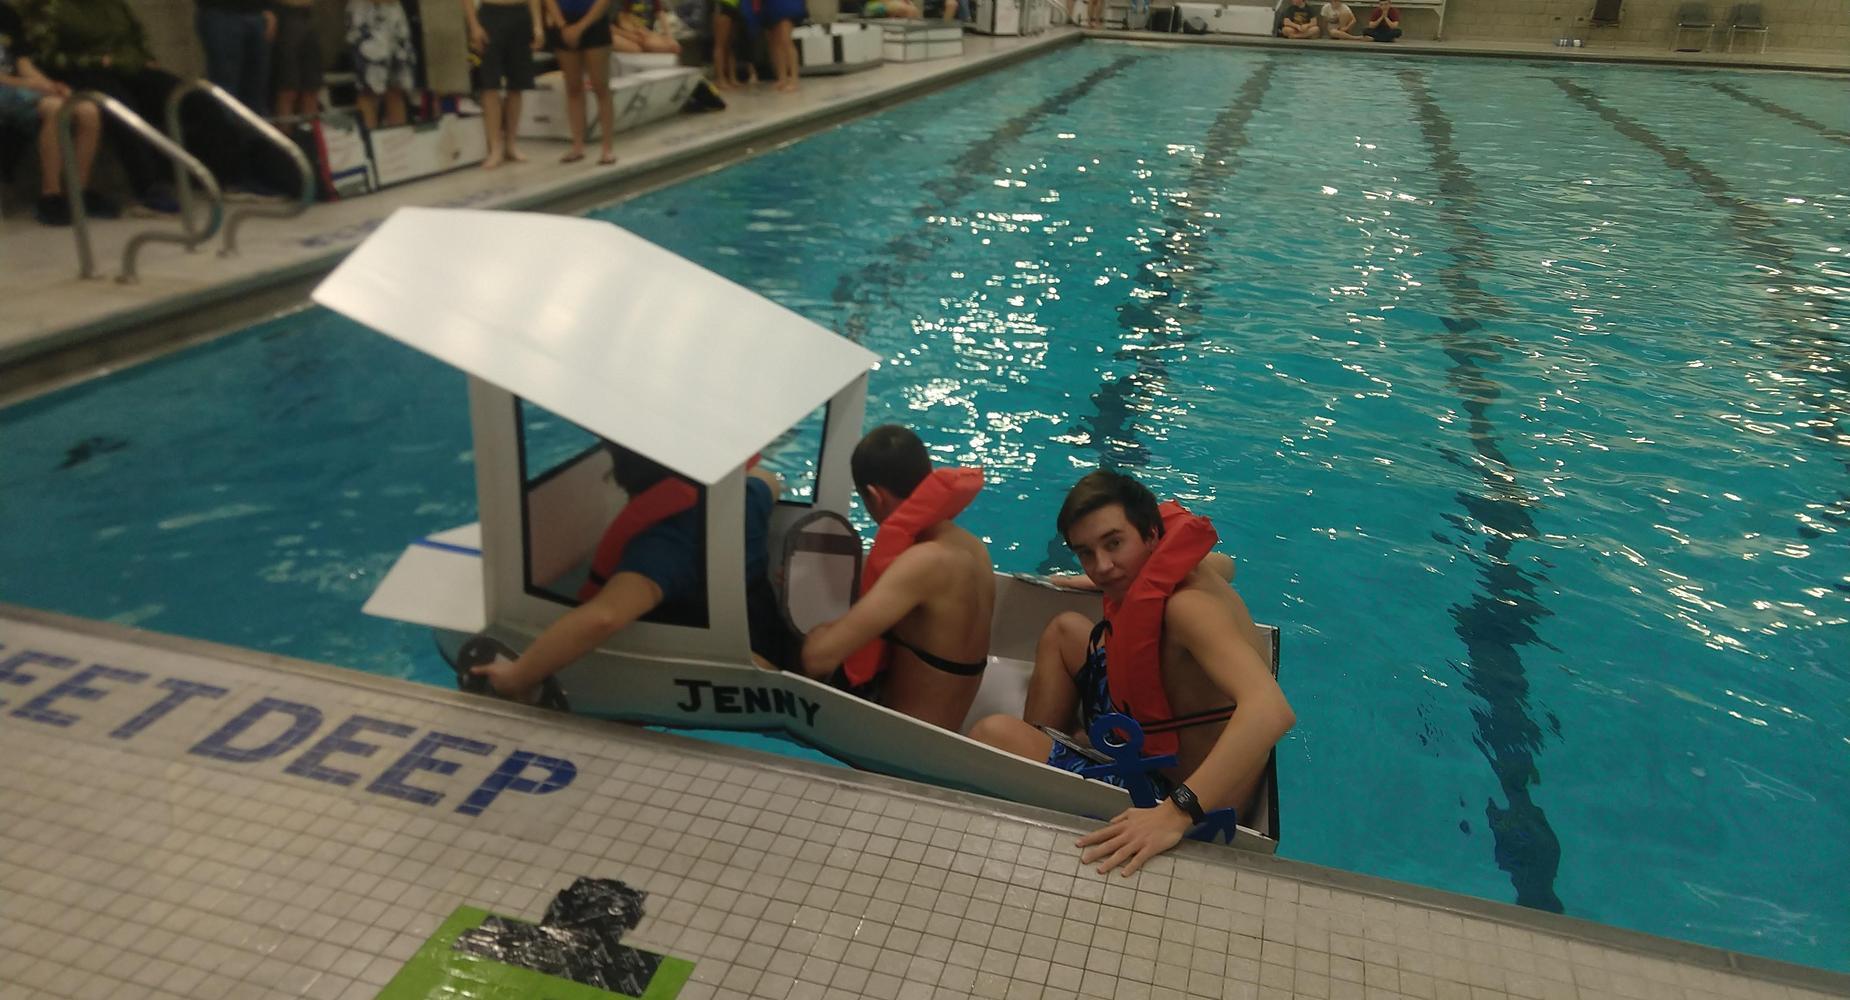 Students in boat in pool